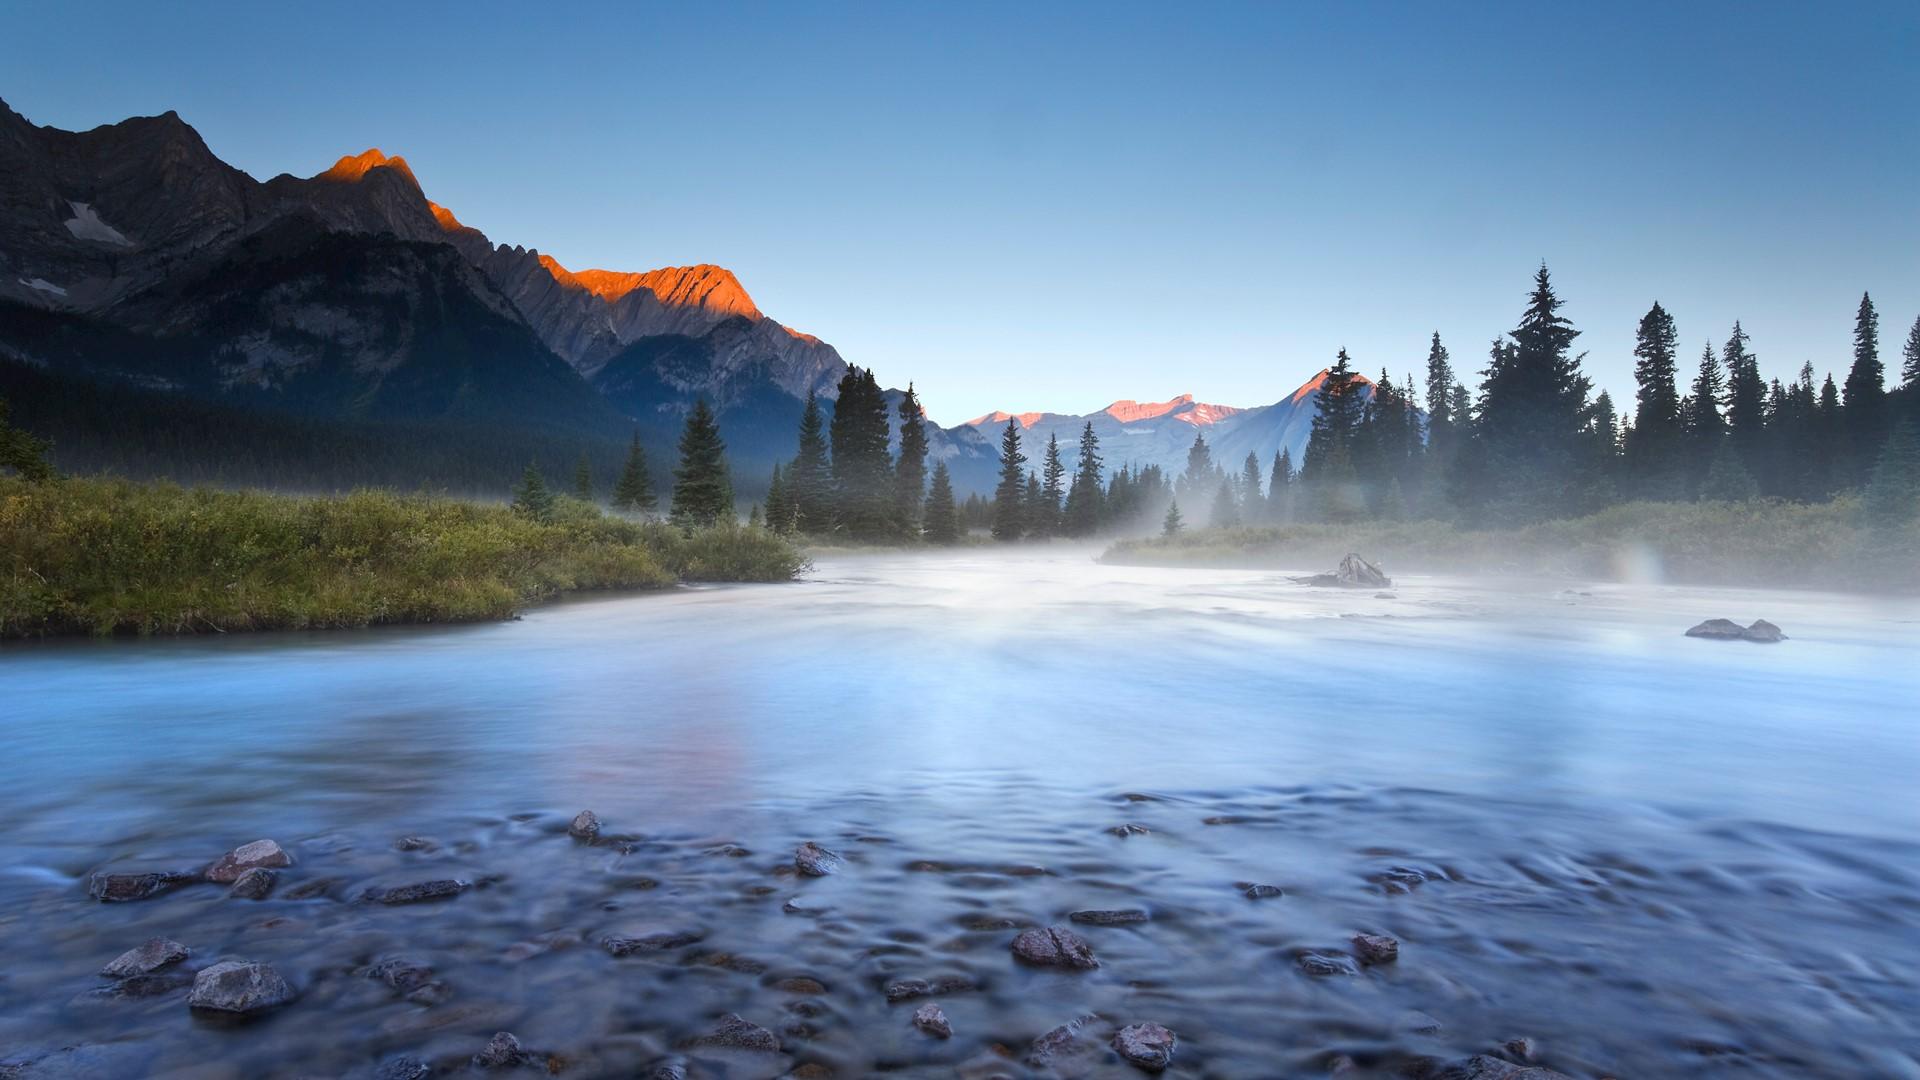 图片[5]-【壁纸分享】自然风景01-机核元素 - yangshader.com